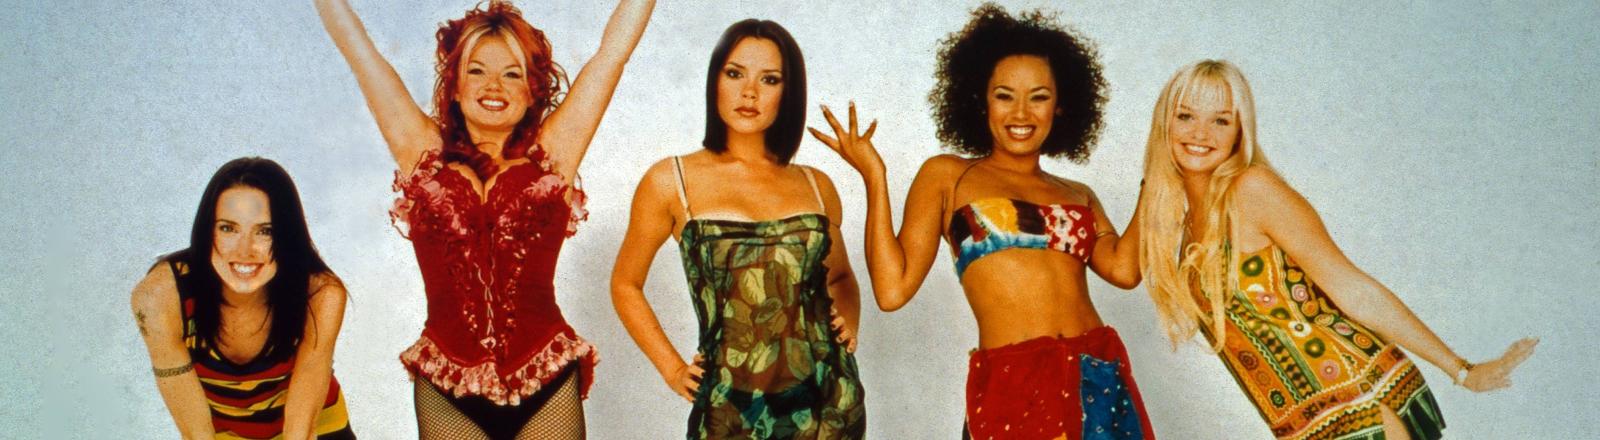 Die Spice Girls sind wieder da: hier posieren sie noch in den 90ern